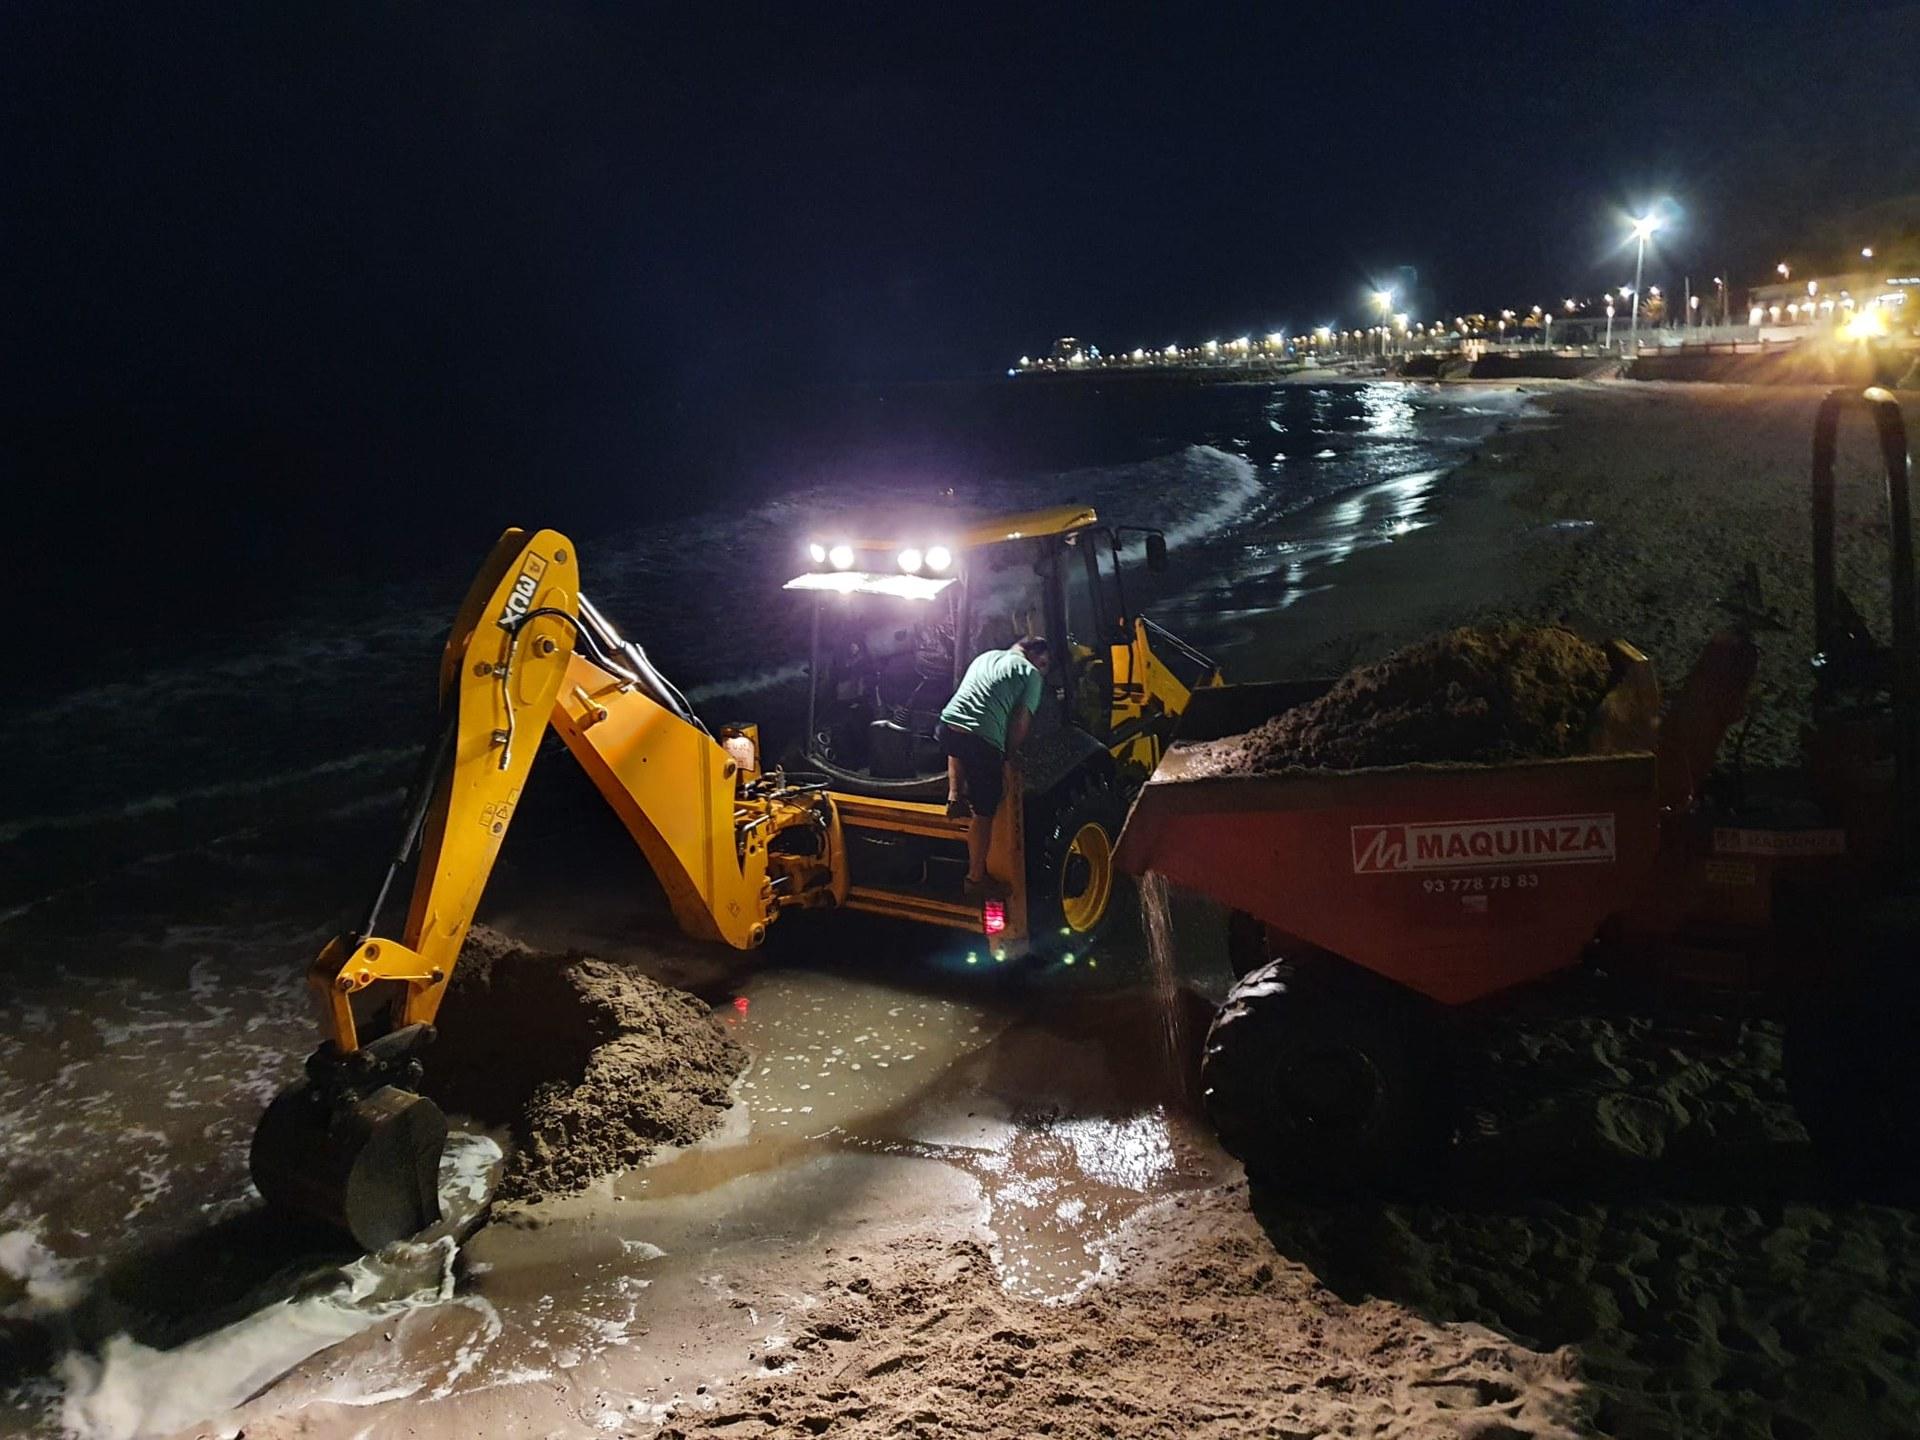 Les platges de Sitges recuperen sorra amb maquinària retroexcavadora